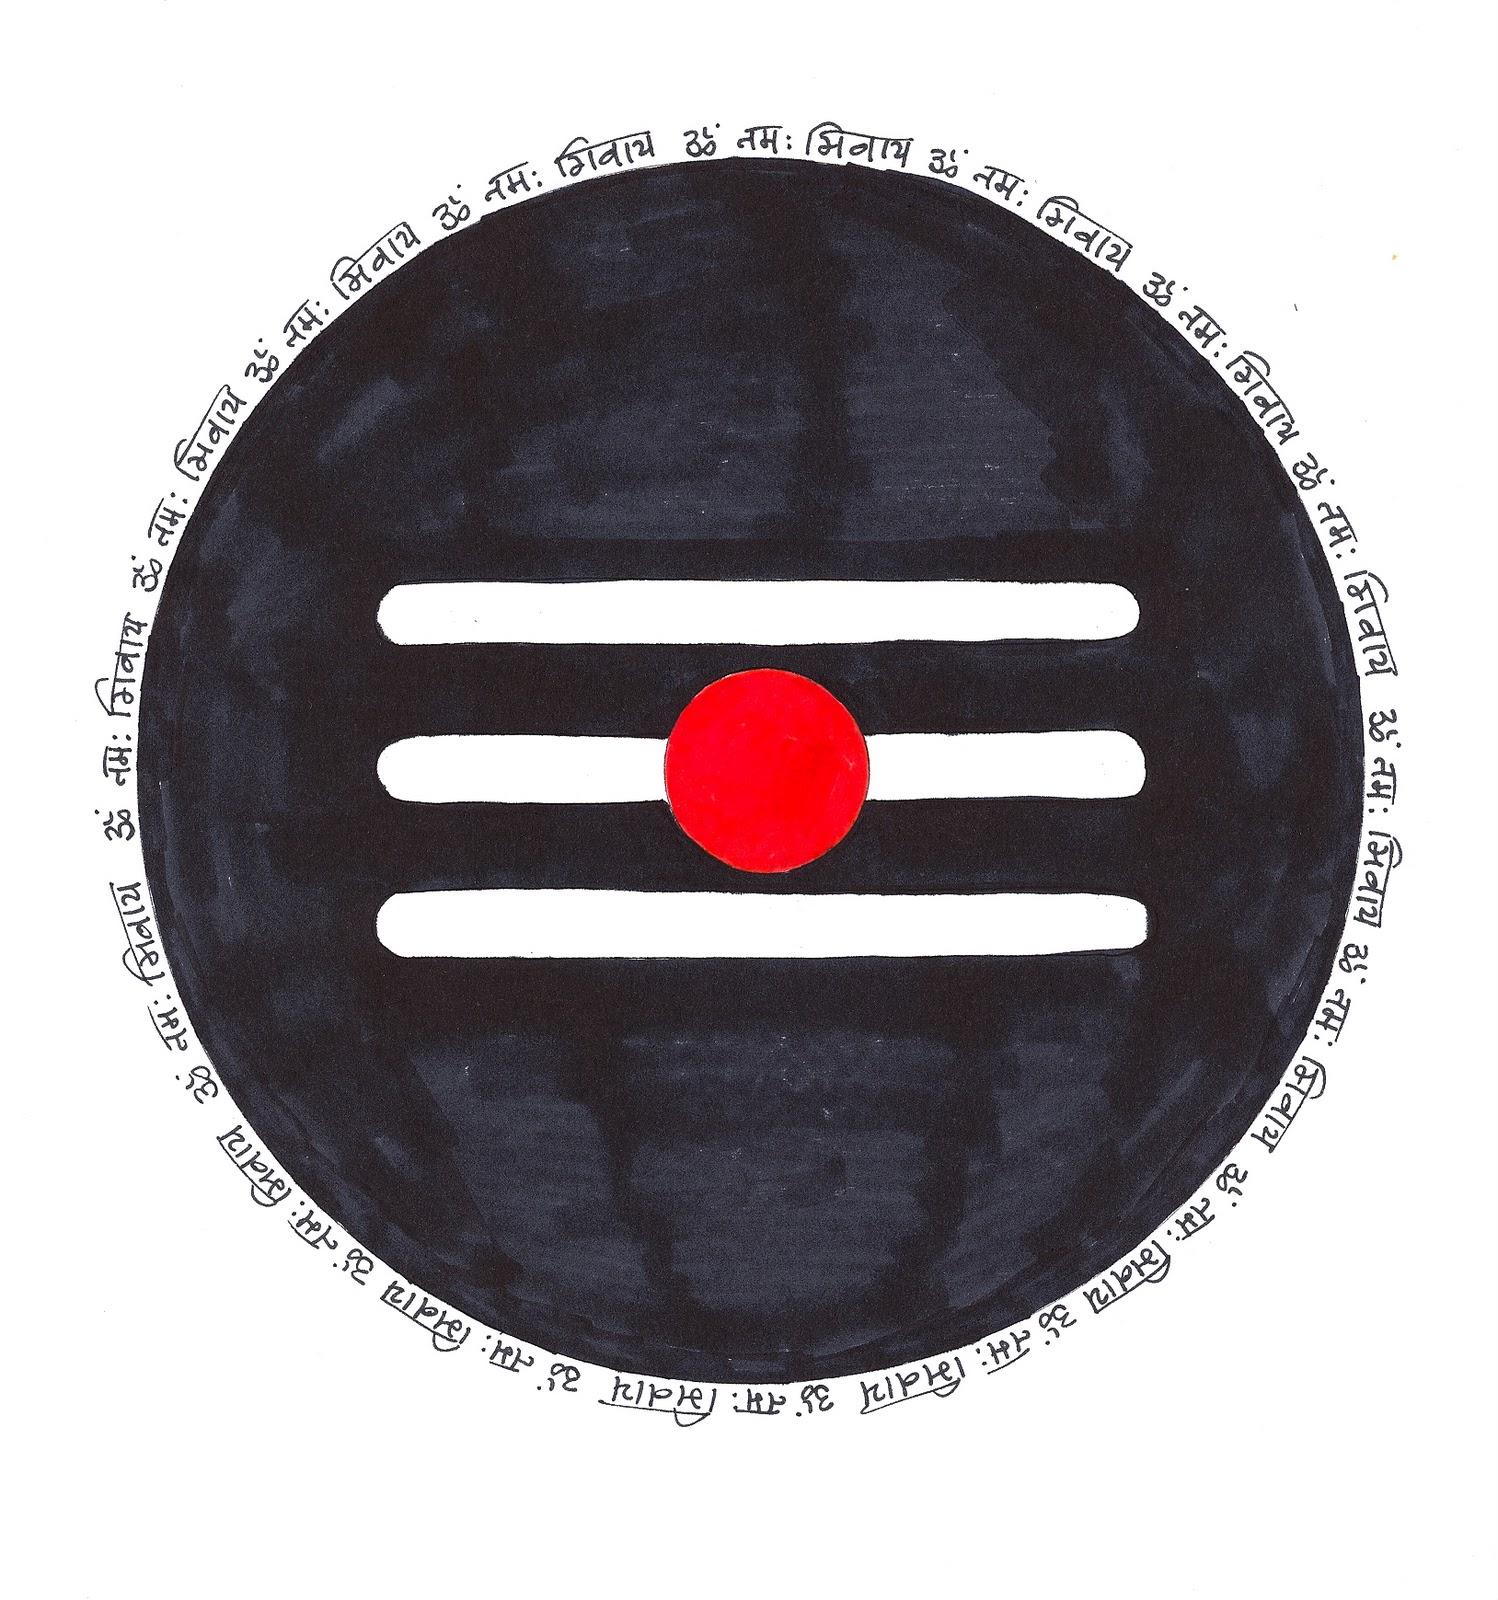 Art & Craft Projects: Lord Shiva Lingam Mandala